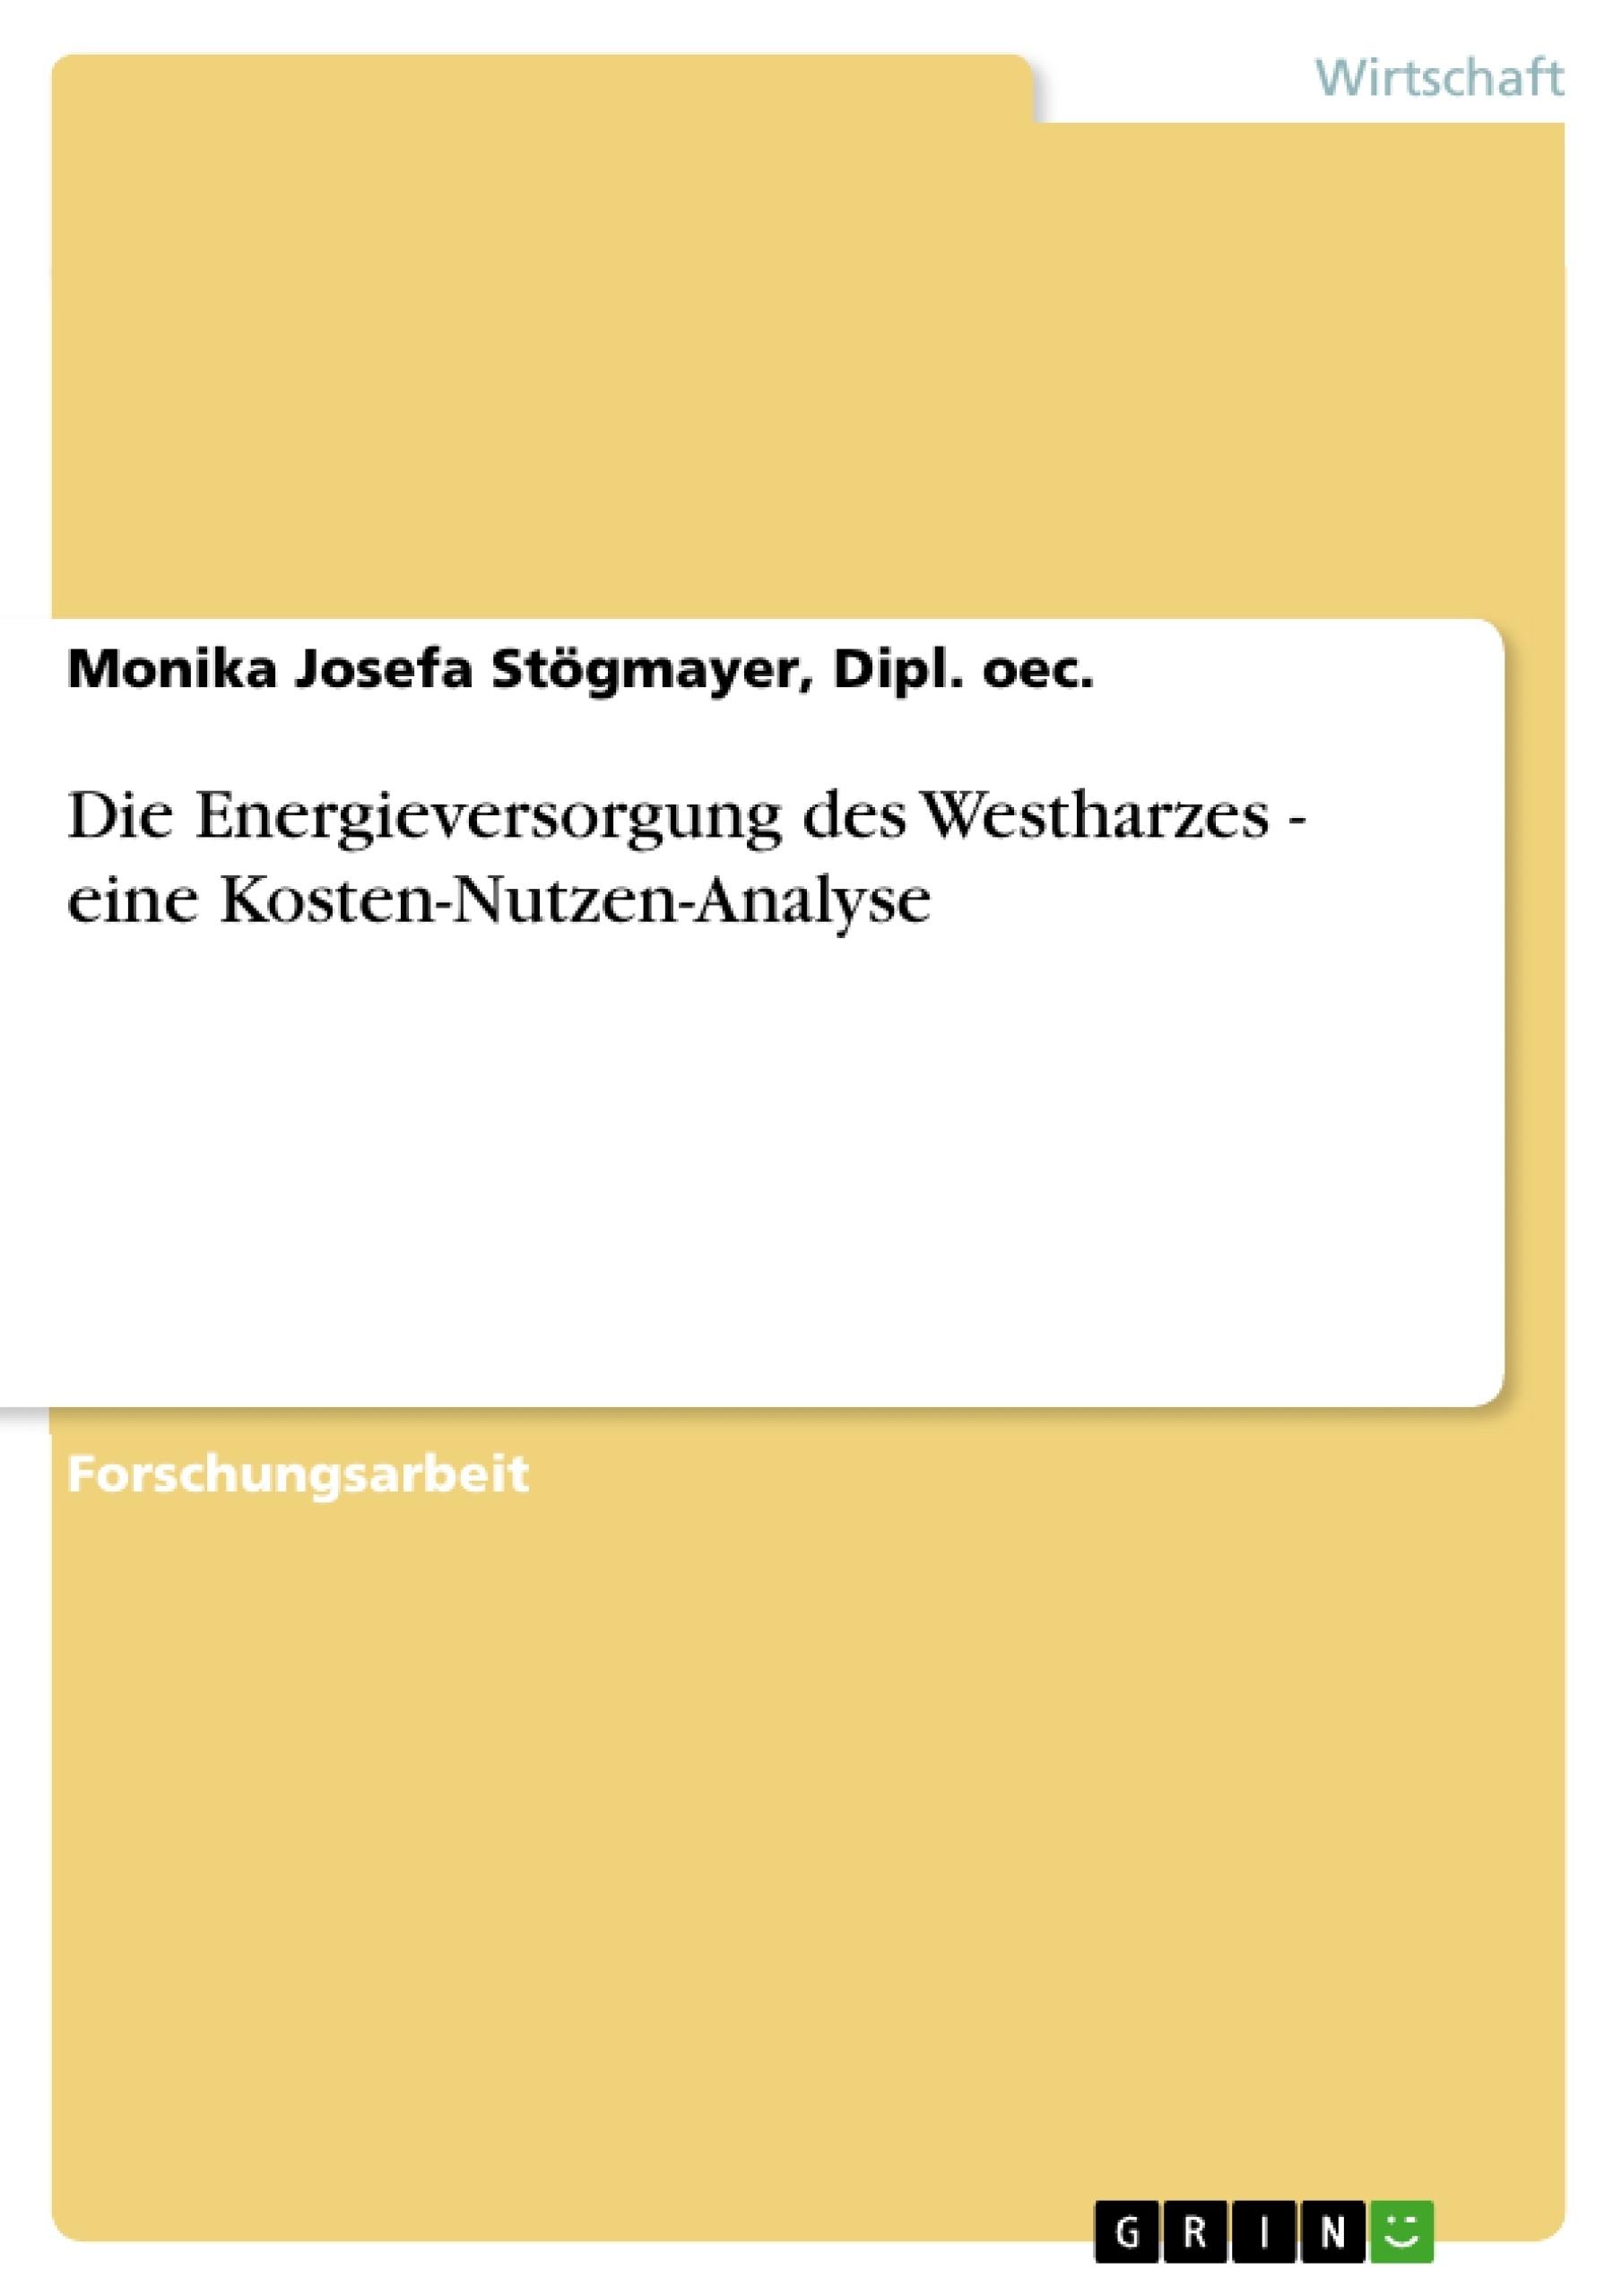 Titel: Die Energieversorgung des Westharzes - eine Kosten-Nutzen-Analyse